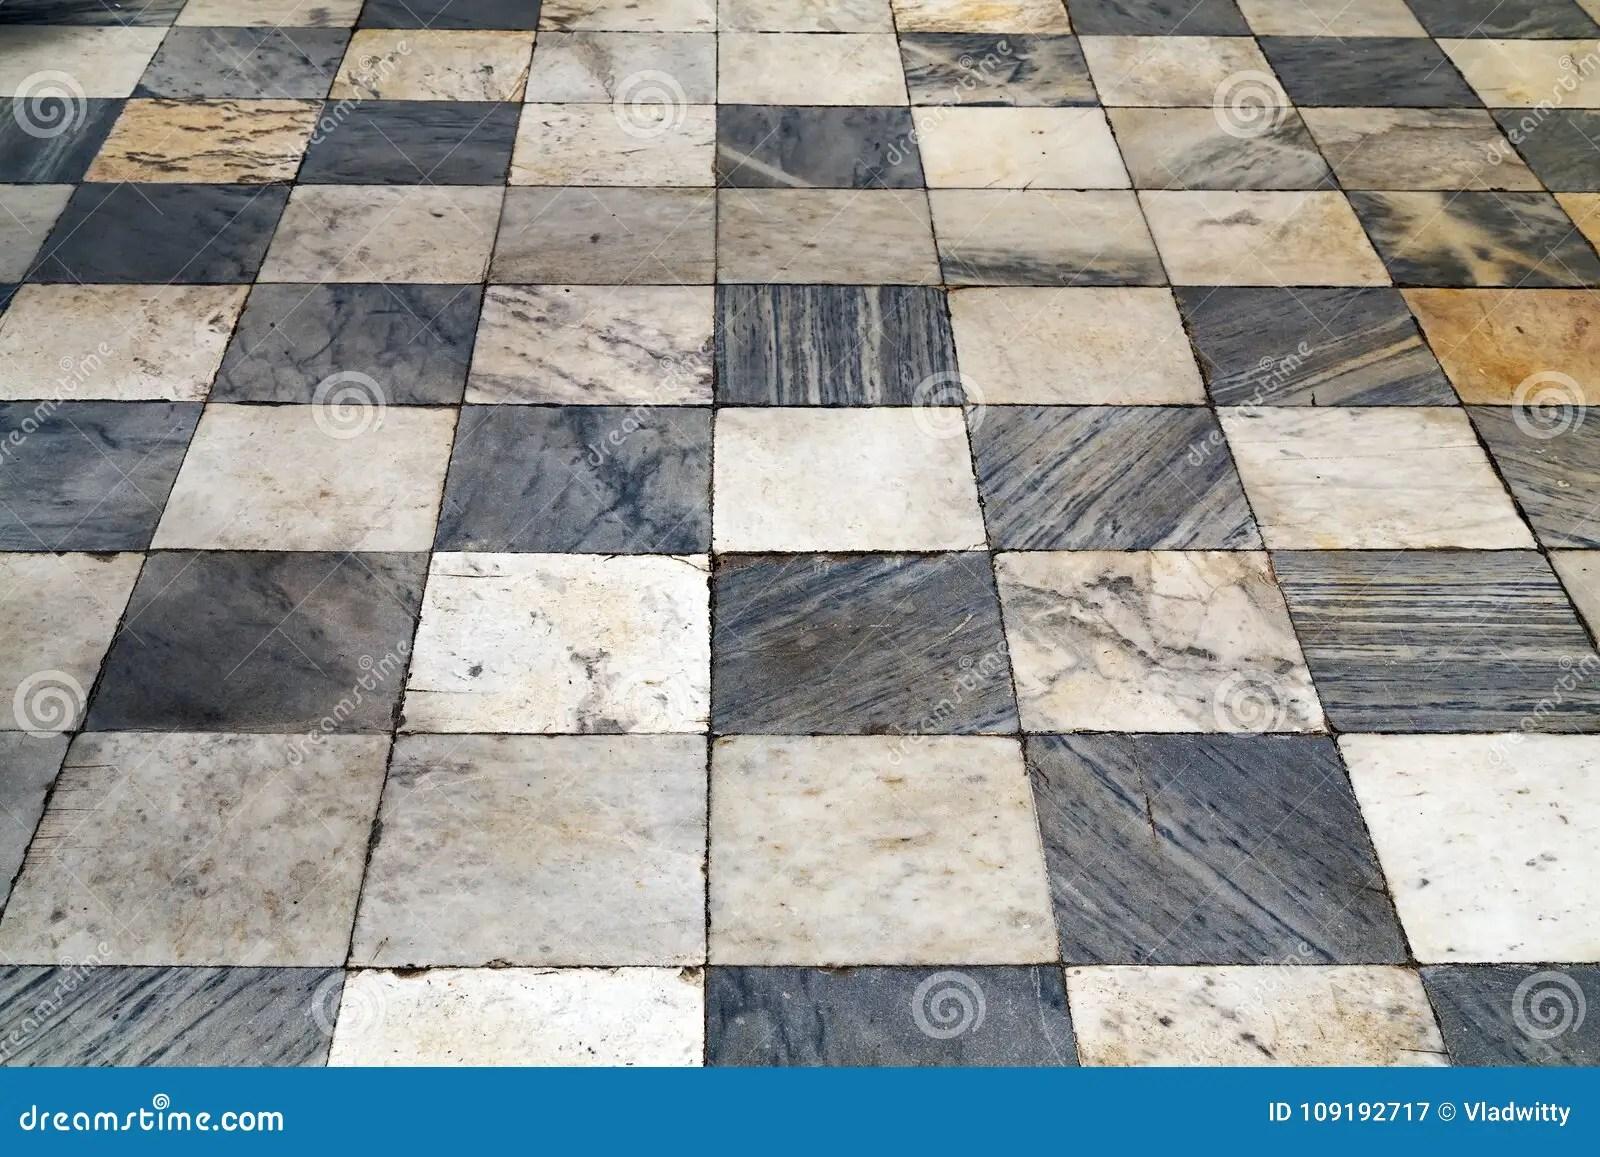 granite flooring design samples